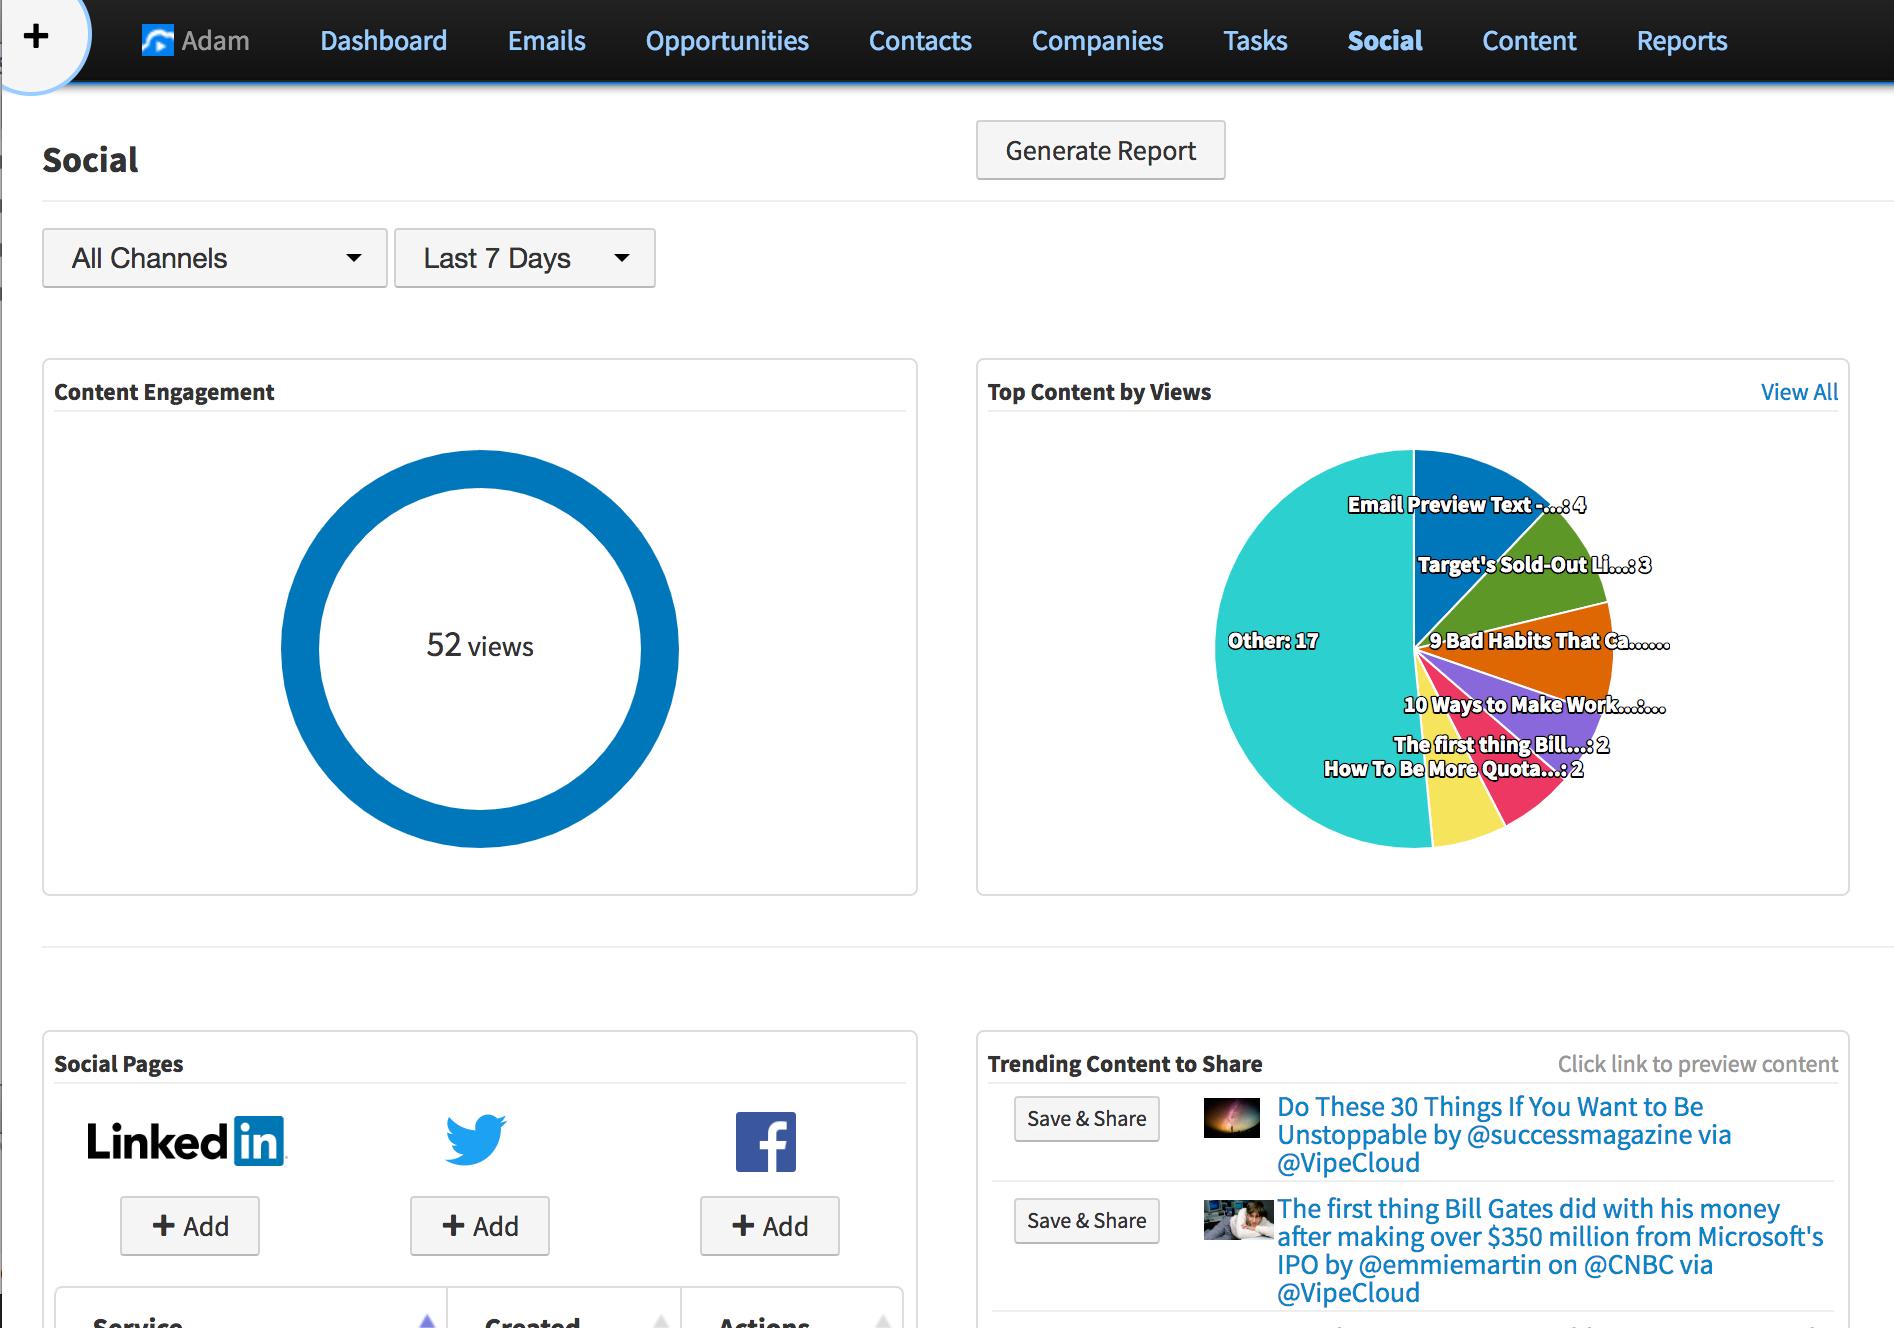 Social sharing reports